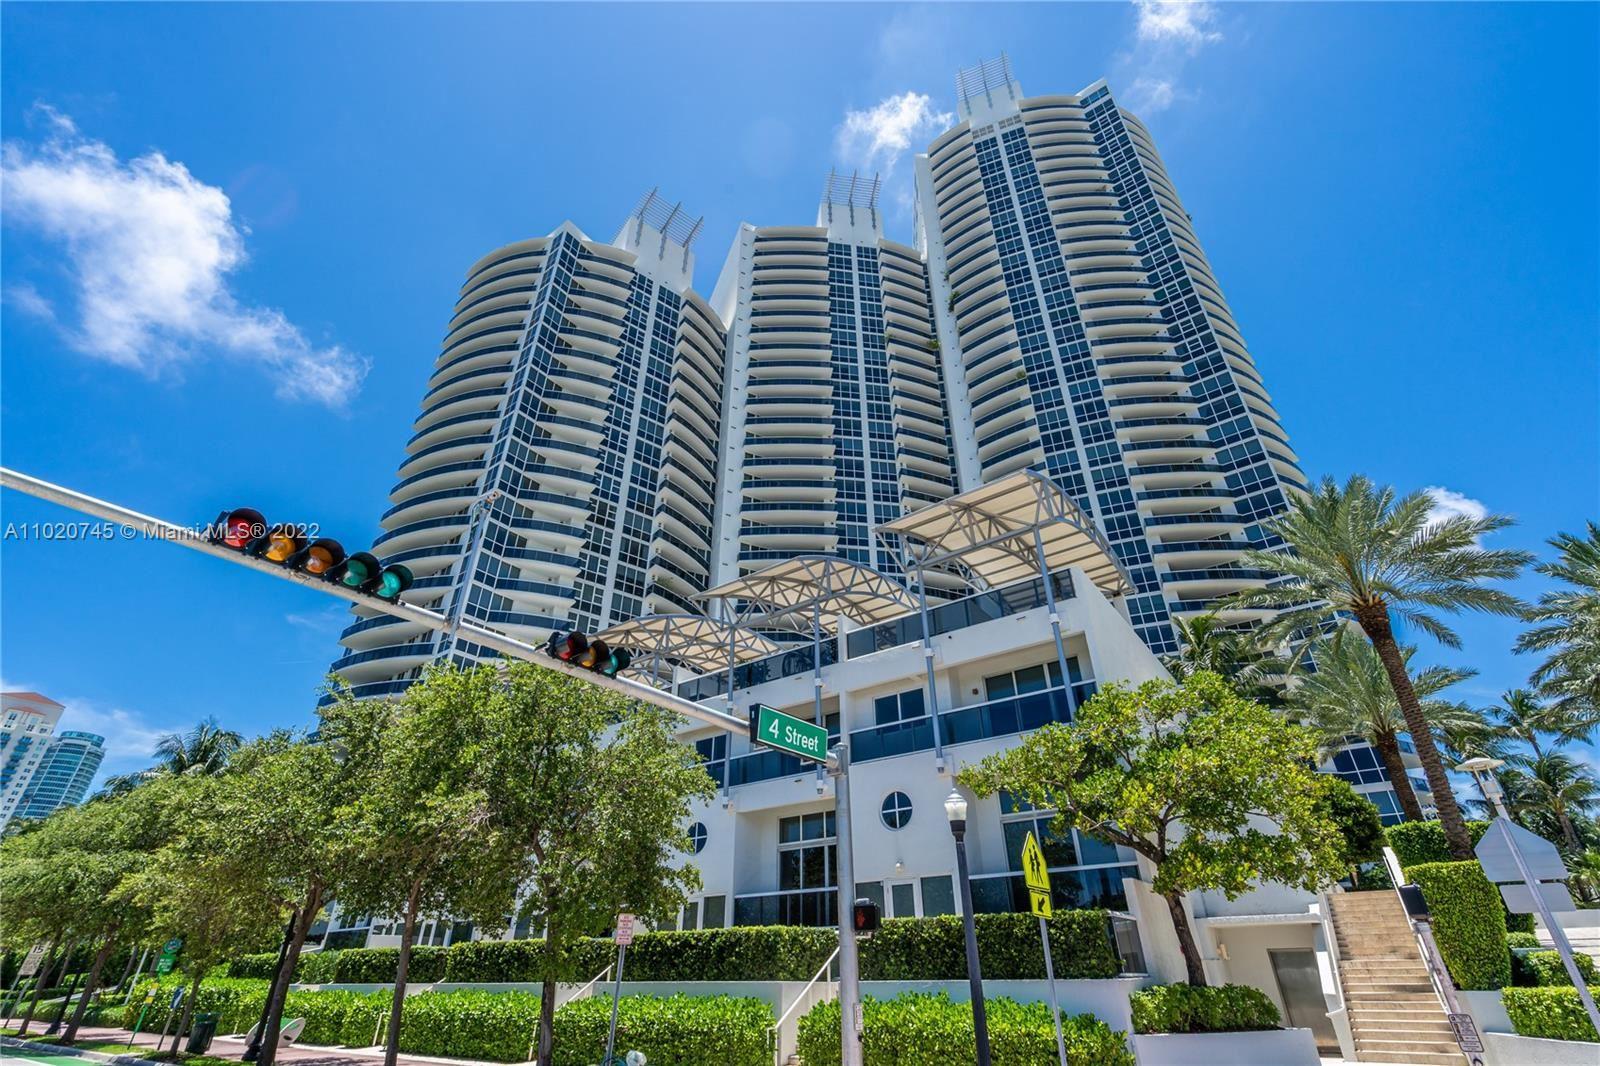 400 ALTON RD #2409, Miami Beach, FL 33139 - #: A11020745